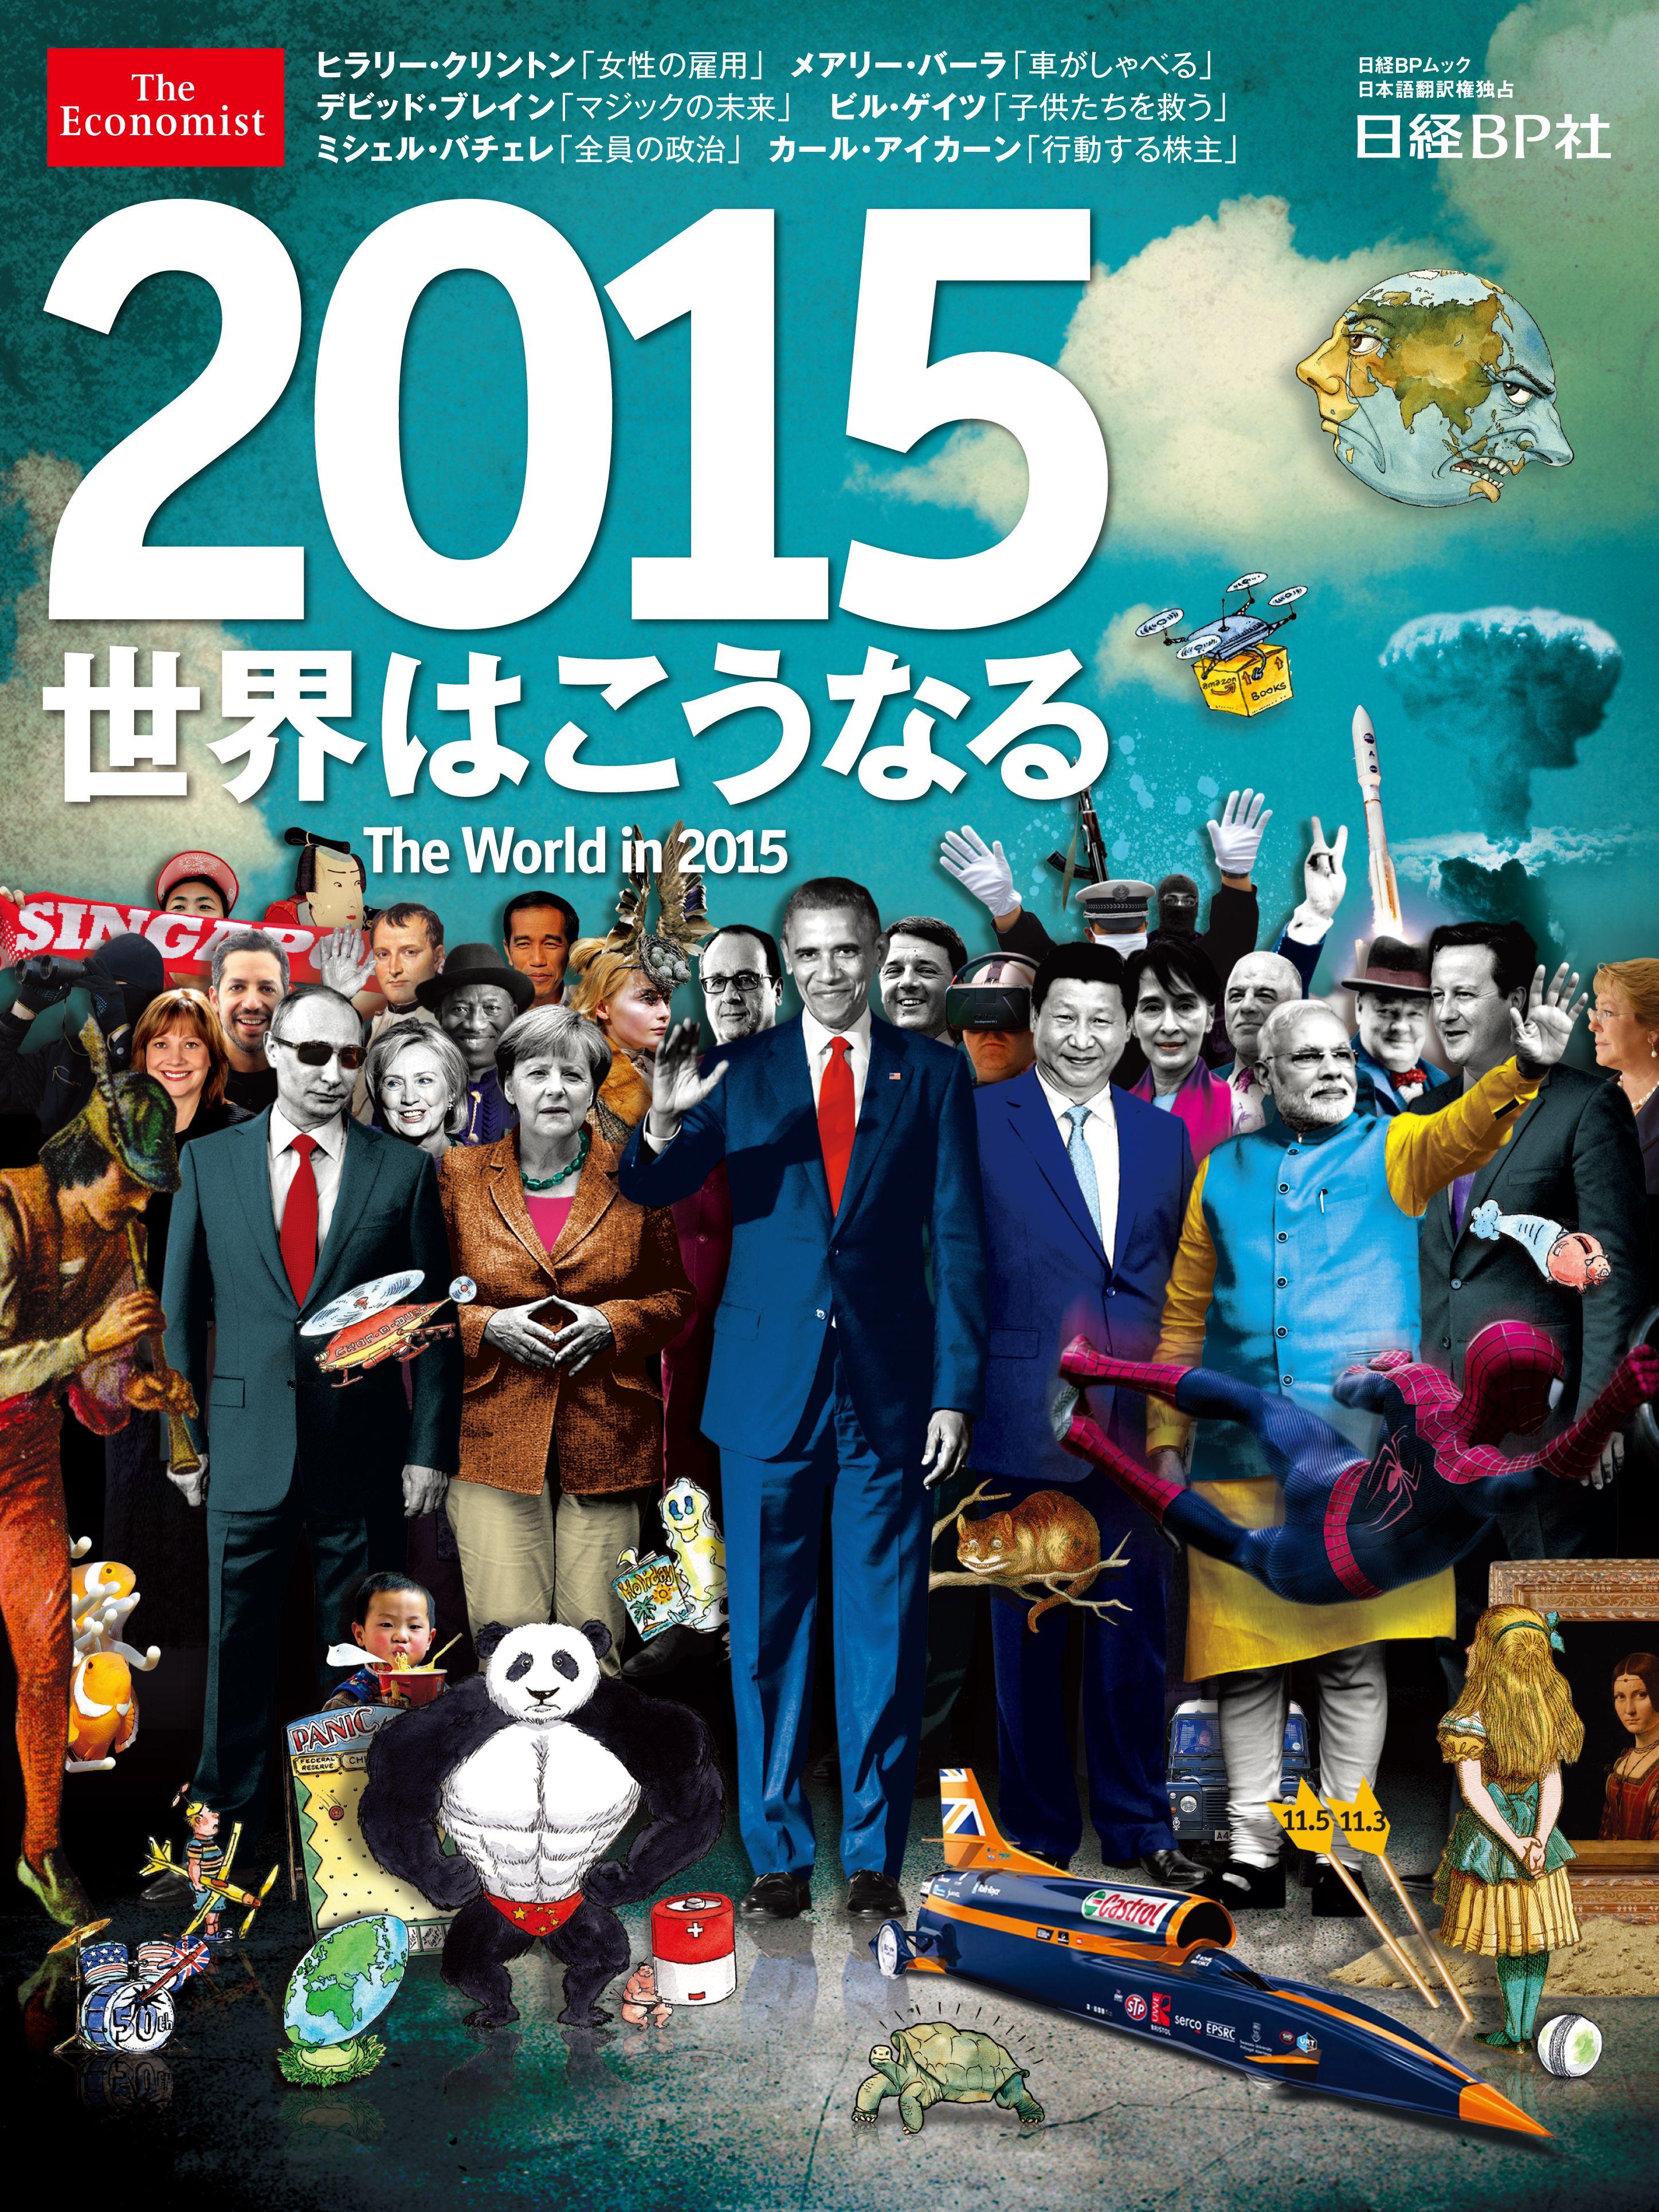 the Economist frontpage 2015 - Google zoeken